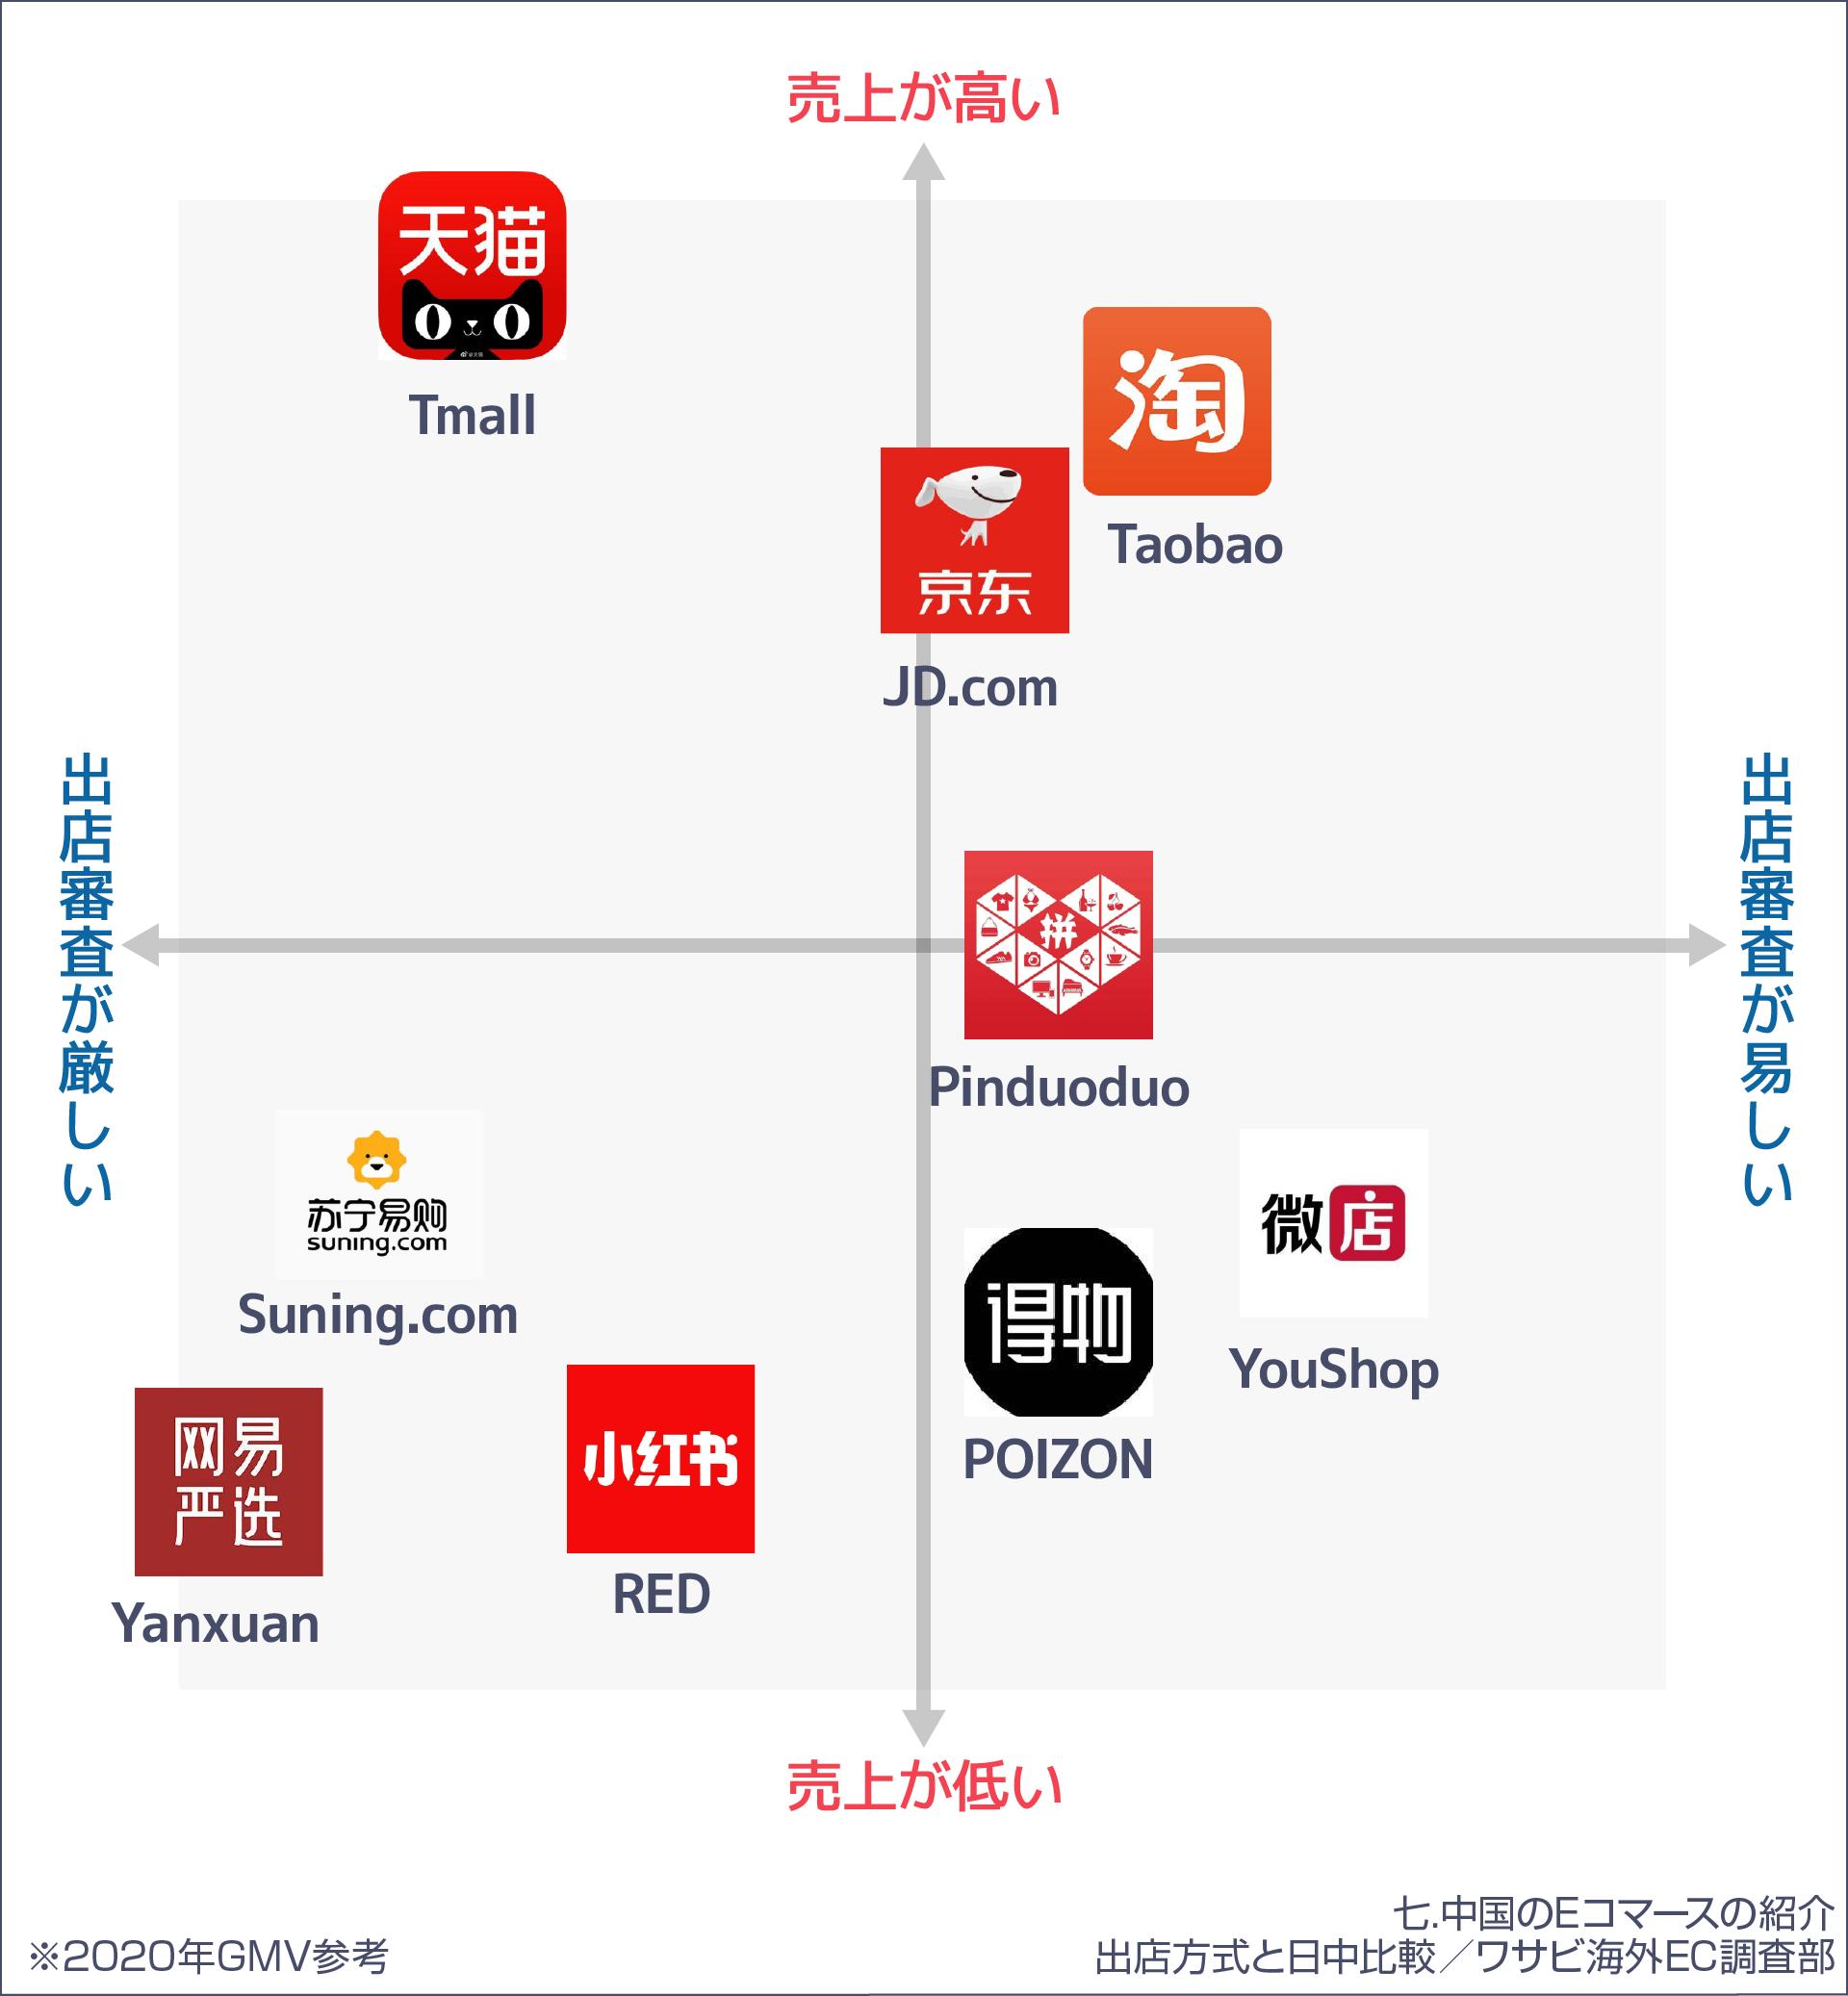 中国Eコマースの出店難易度と売上の相関図